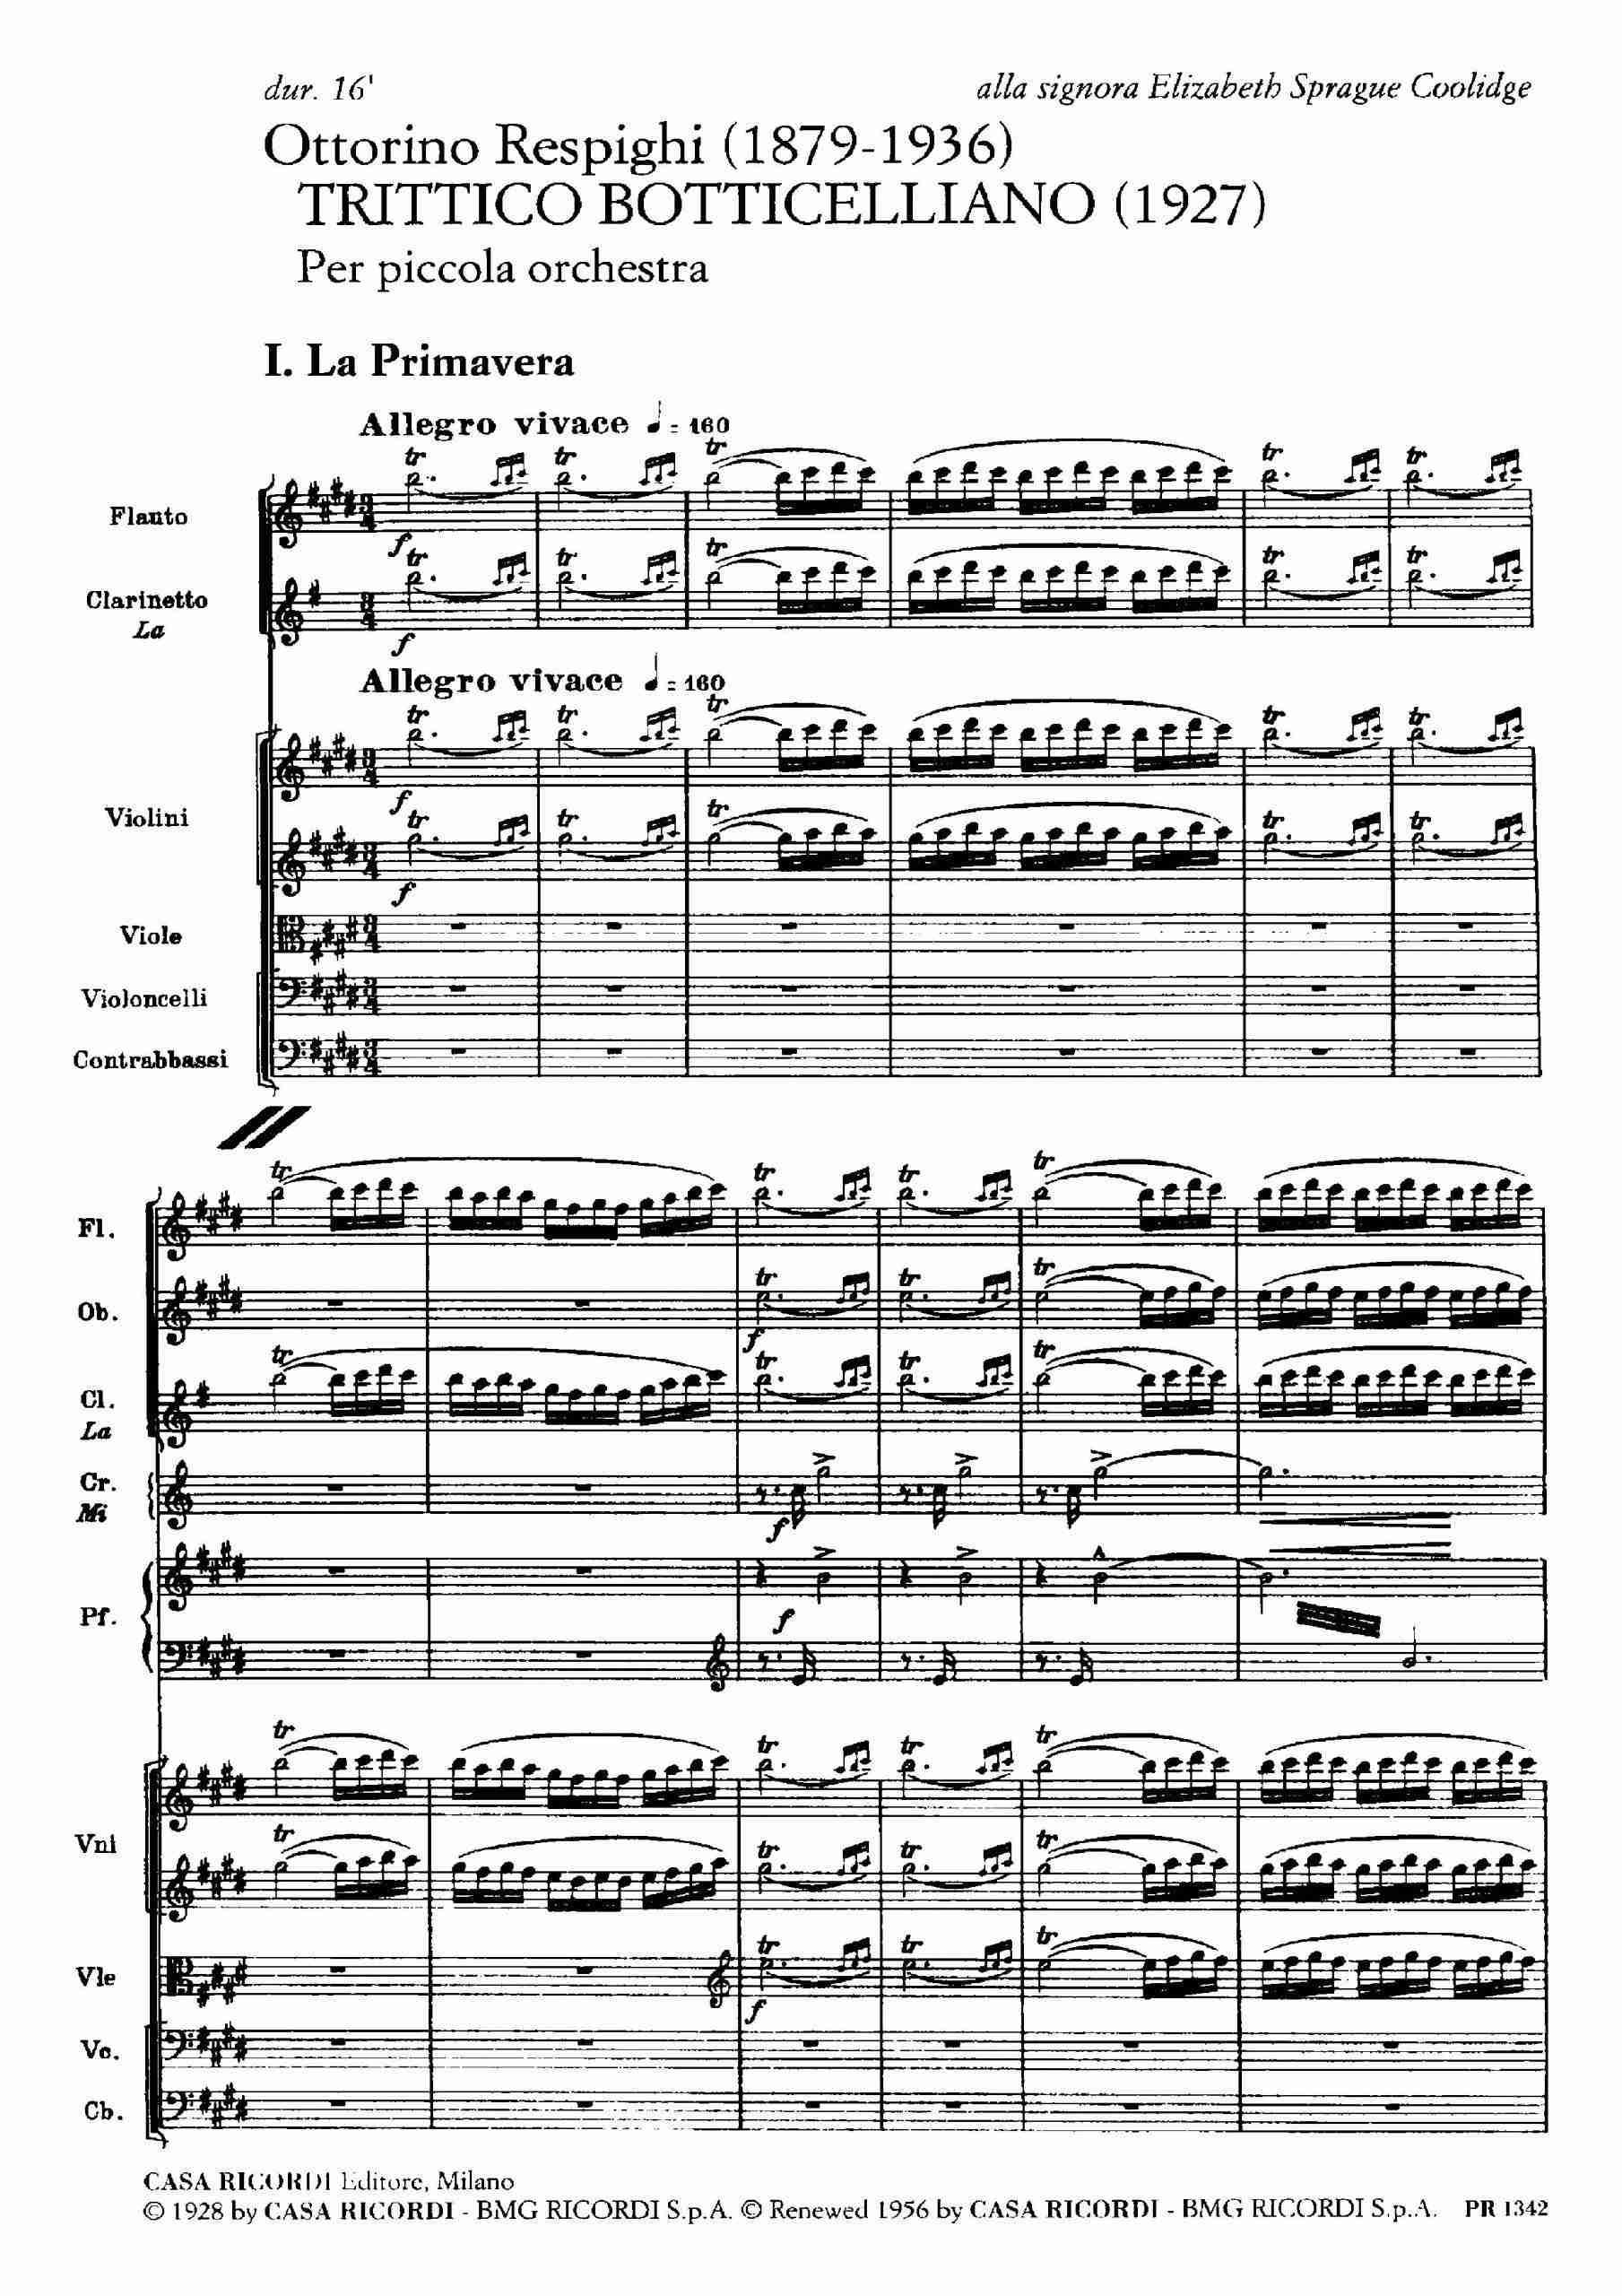 Respighi, Ottorino - Trittico Botticelliano (score)